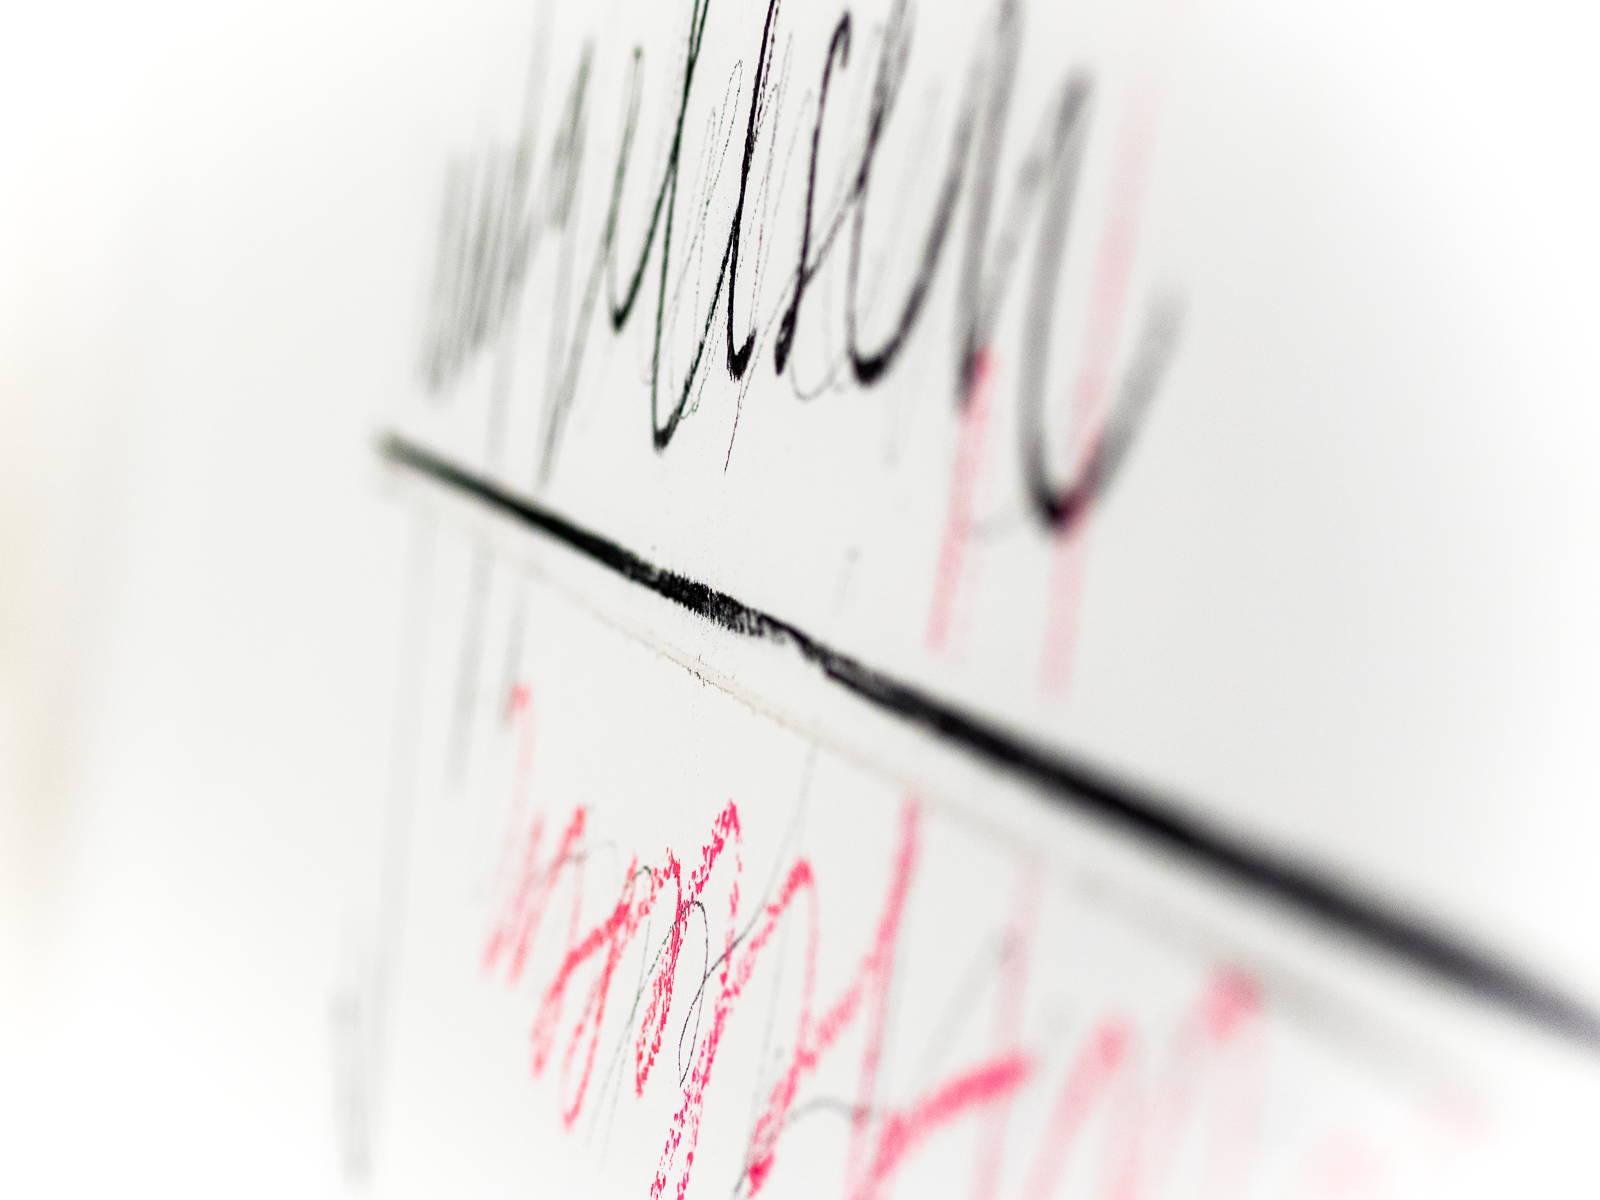 Wall drawing, Lothar Baumgarten - Closeup - Antiquariat Marco Gietmann, Berlin